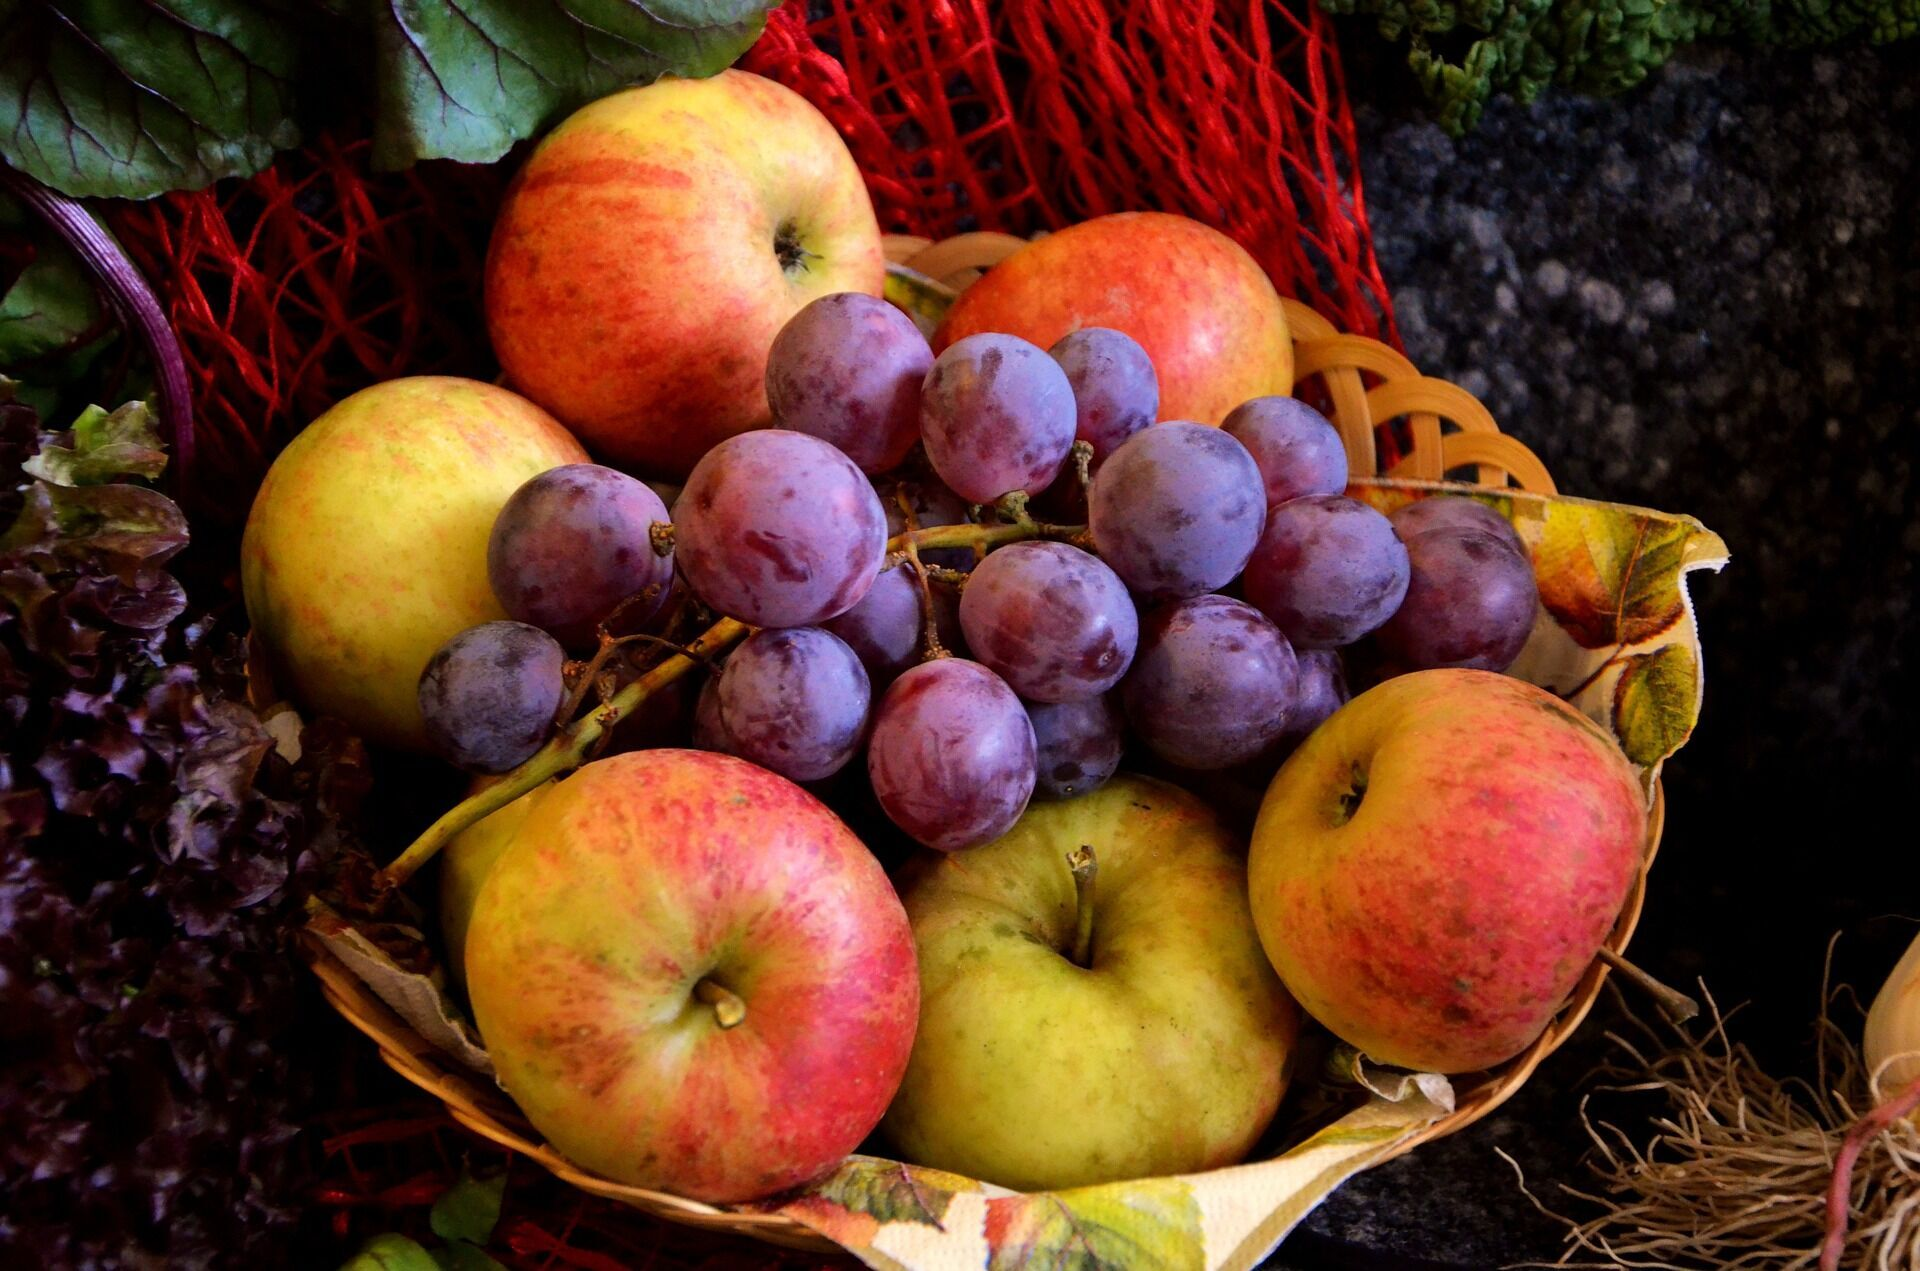 У Яблучний Спас прийнято освячувати яблука та виноград у церкві, а також готувати різні страви з яблук